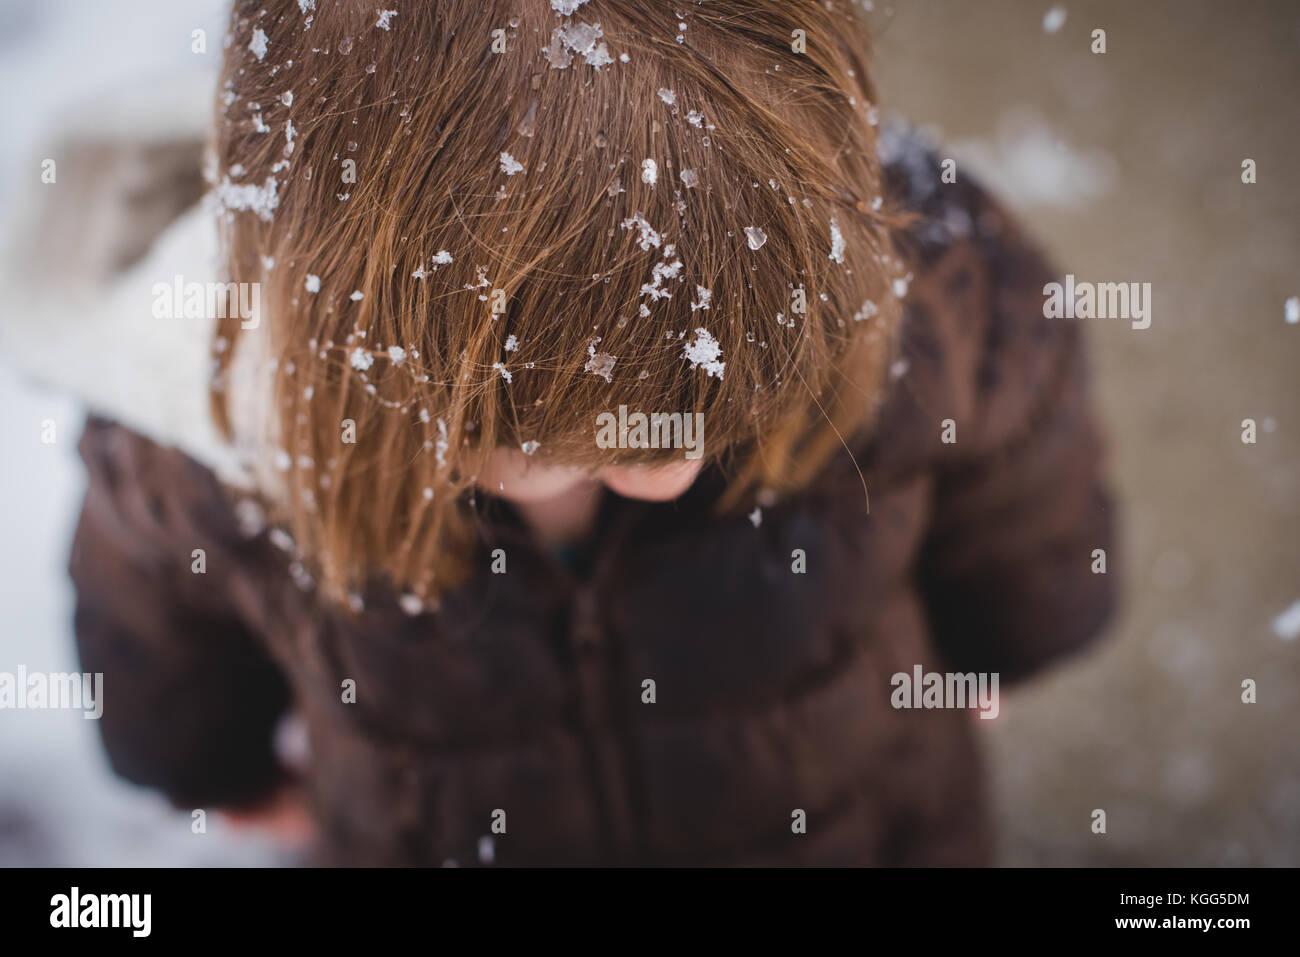 Regardant vers le bas sur un enfant en portant un manteau d'hiver avec de la neige dans ses cheveux au cours Photo Stock